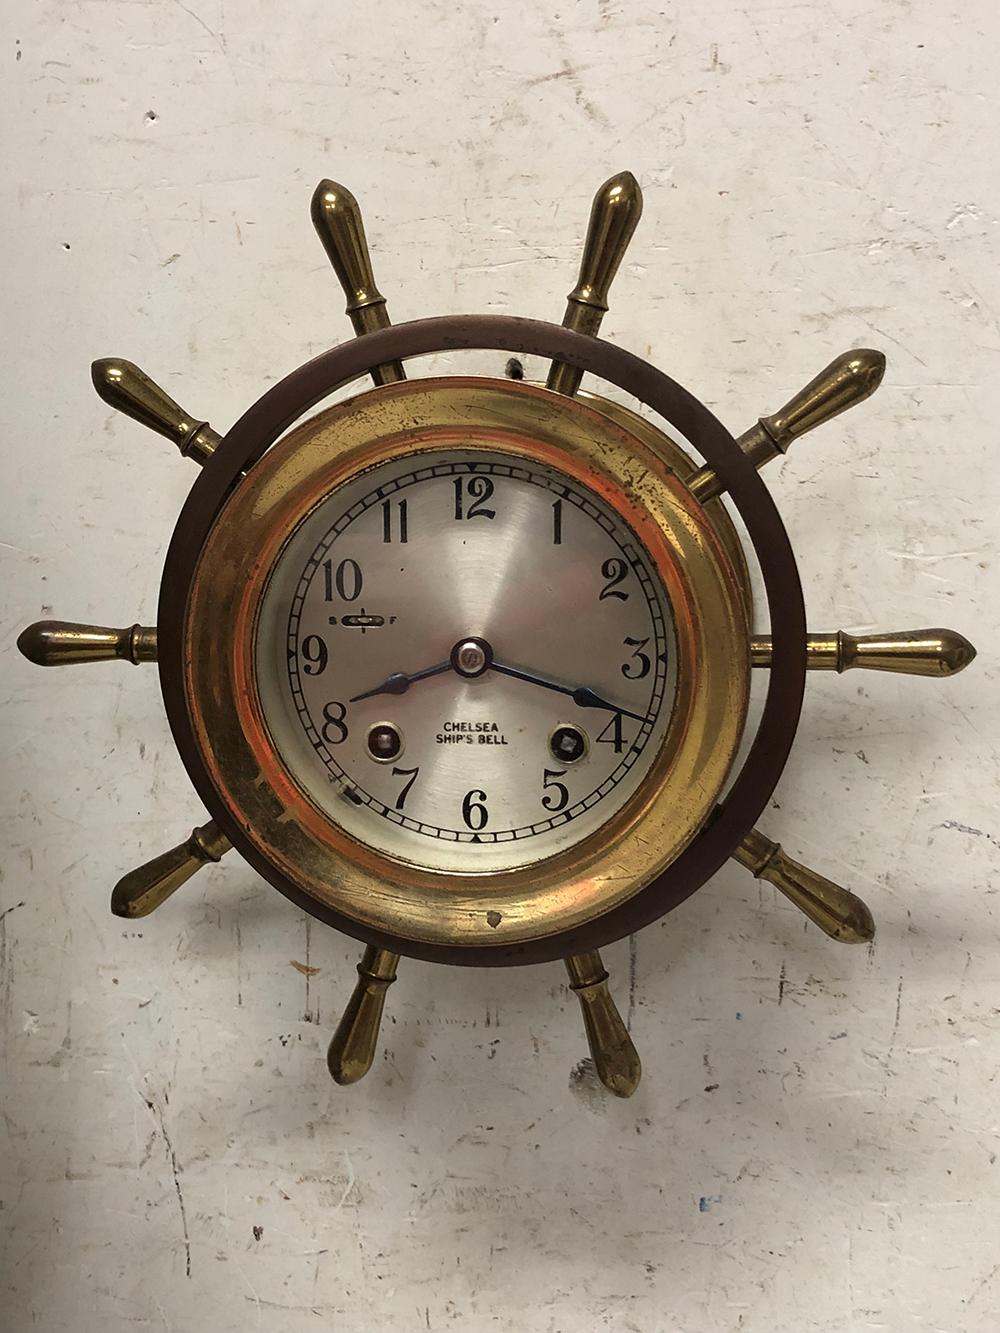 Chelsea Brass Ships Wheel Clock